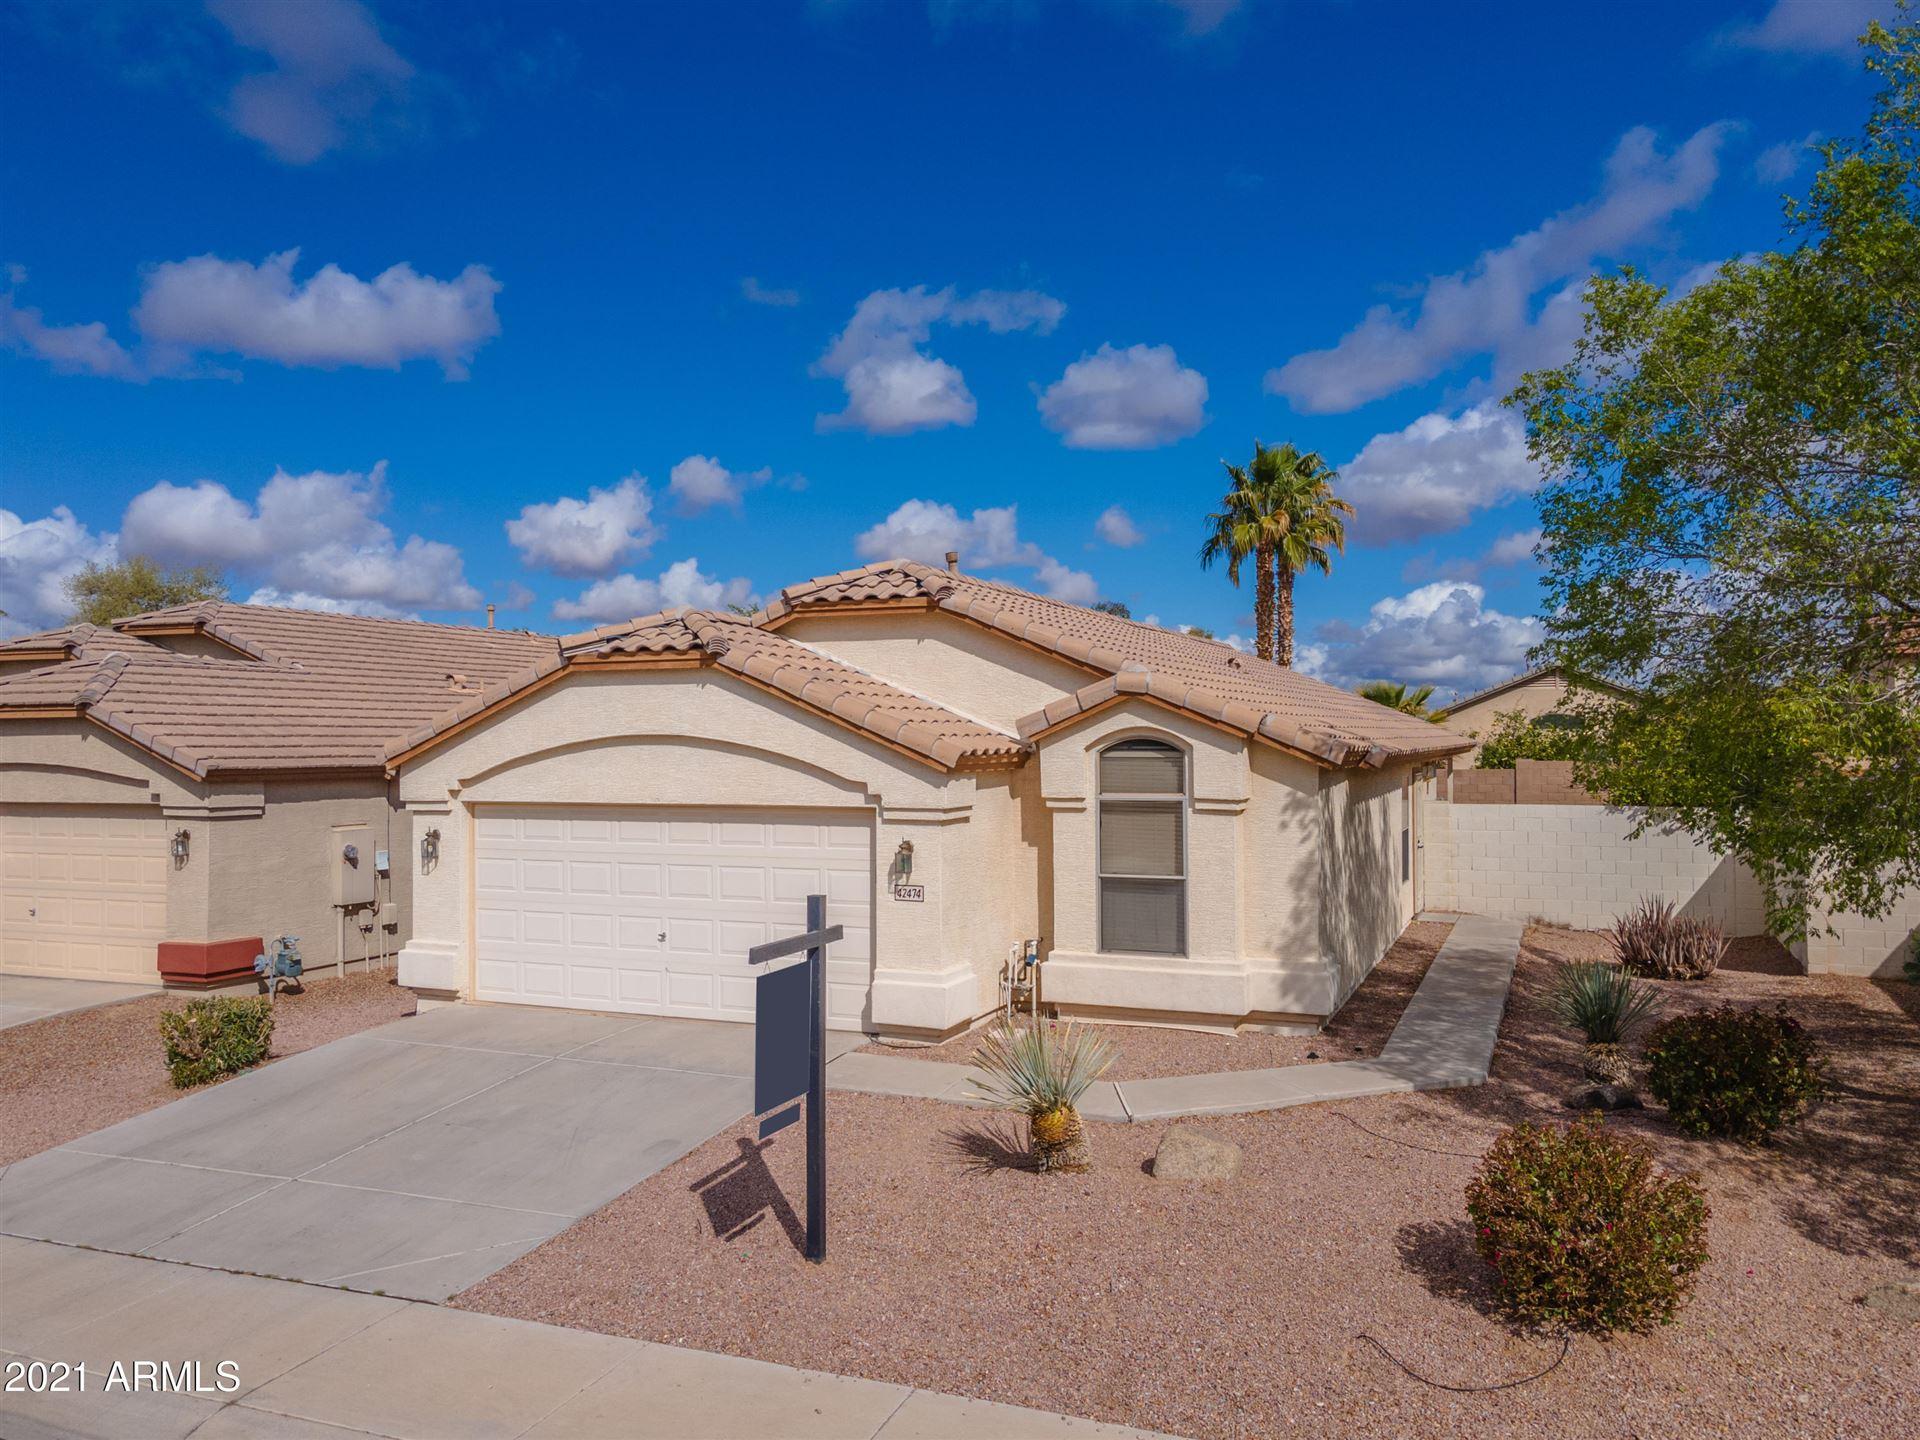 Photo of 42474 W SPARKS Drive, Maricopa, AZ 85138 (MLS # 6198247)